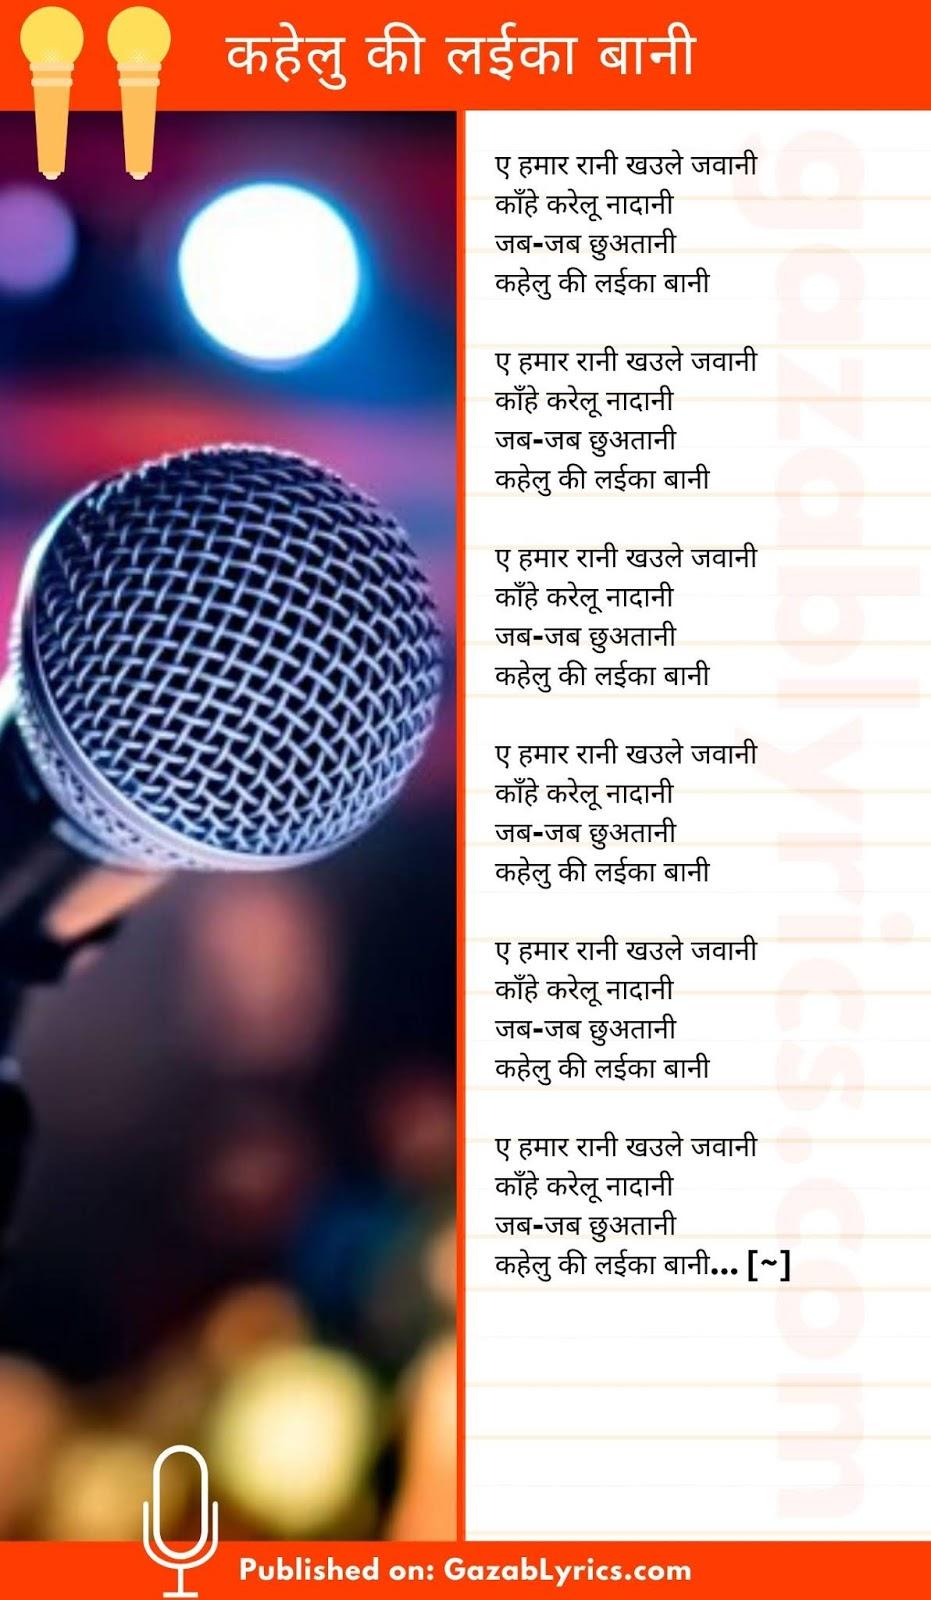 Kahelu Ki Laika Bani song lyrics image